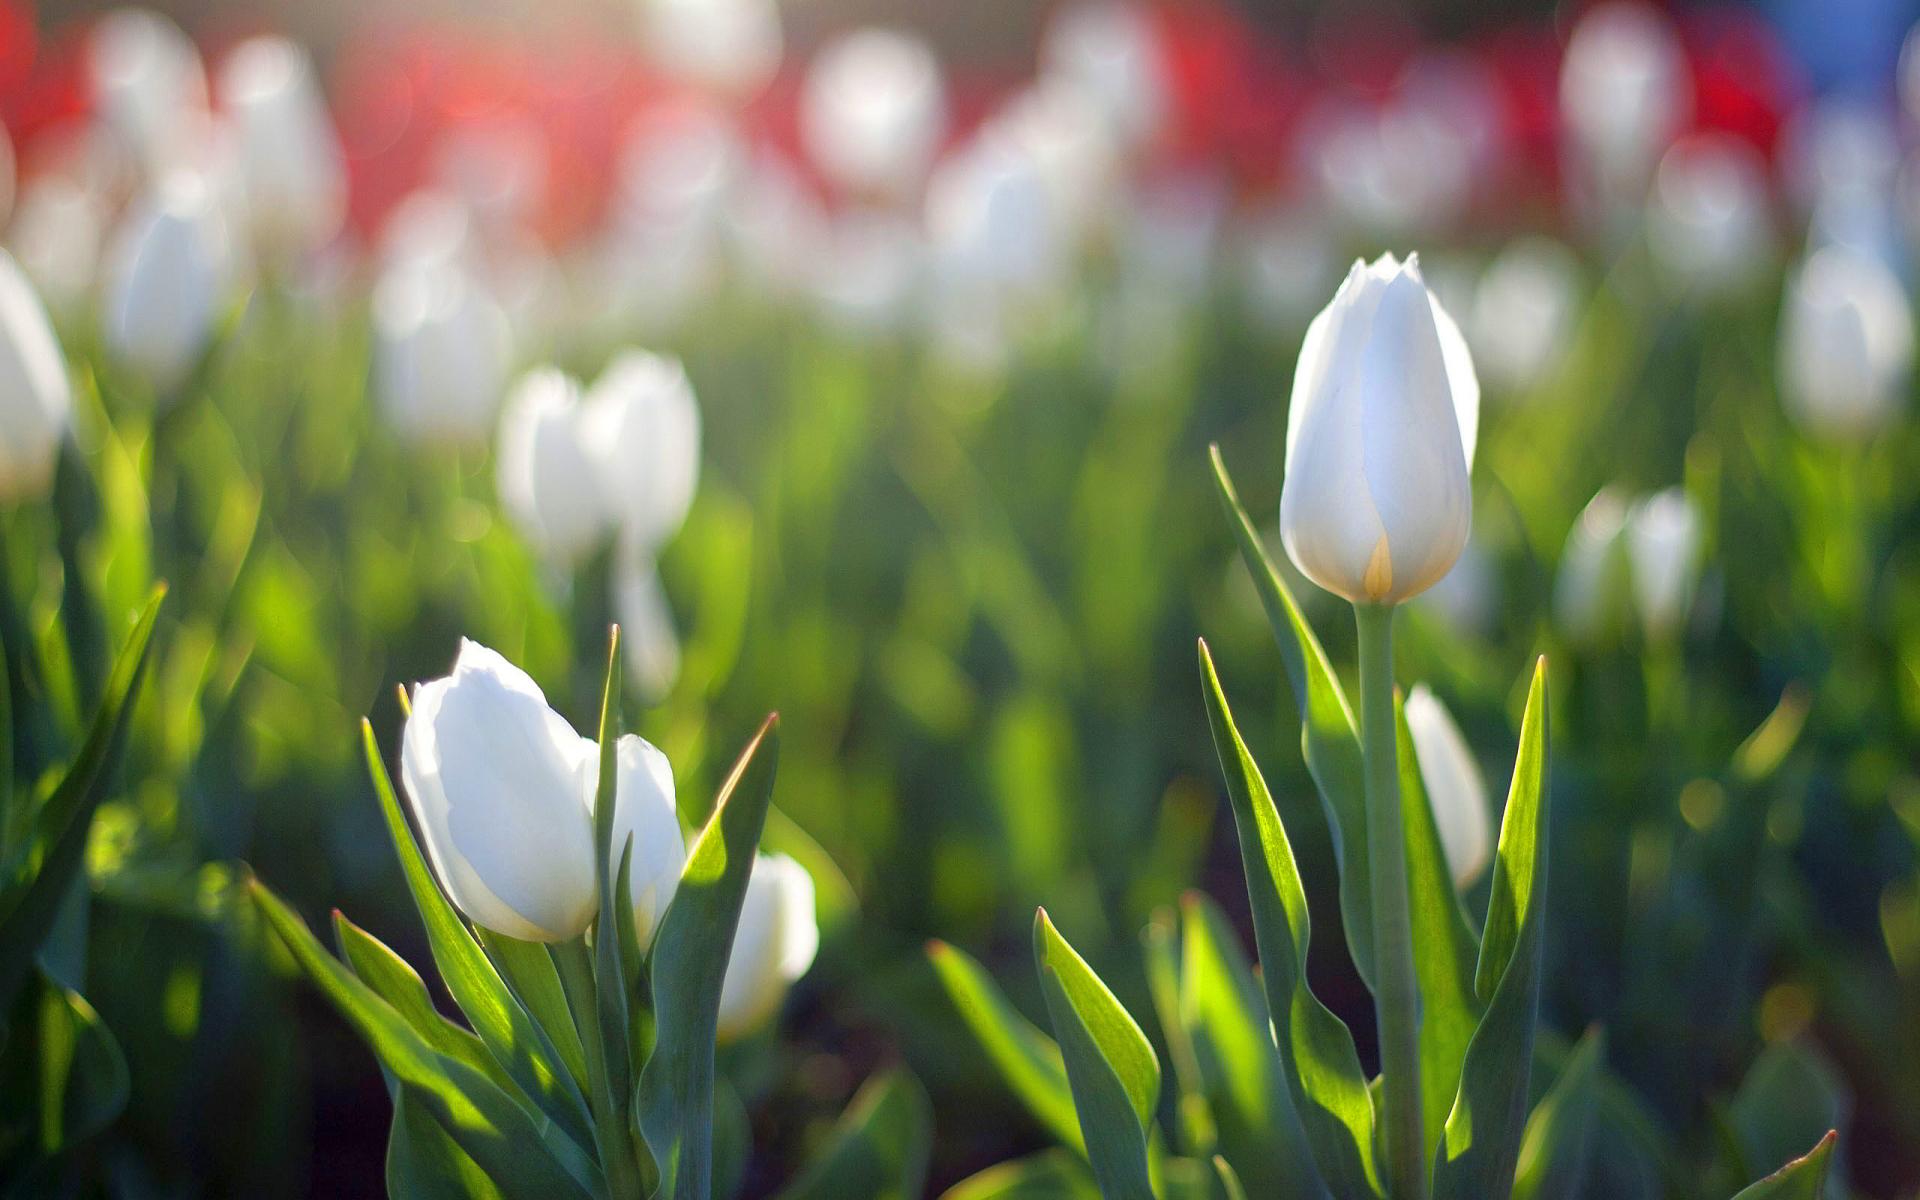 White tulips in morning light